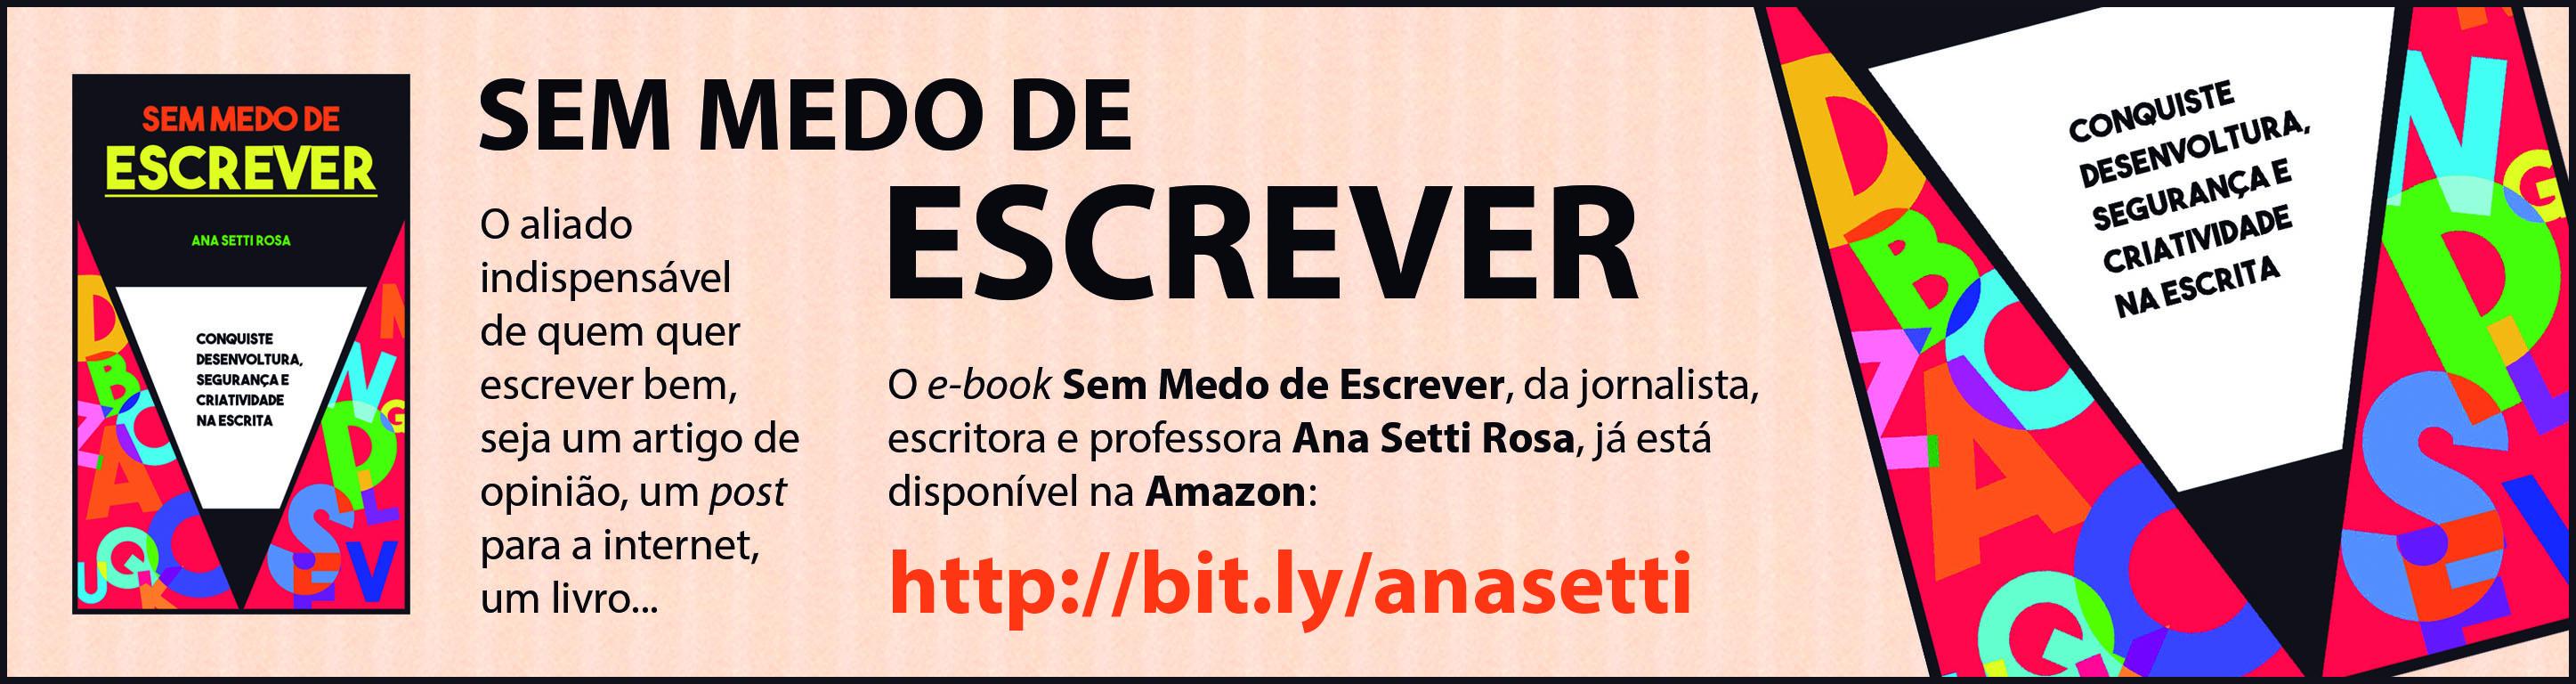 Anúncio Sem Medo de Escrever (Jornal da Gleba)